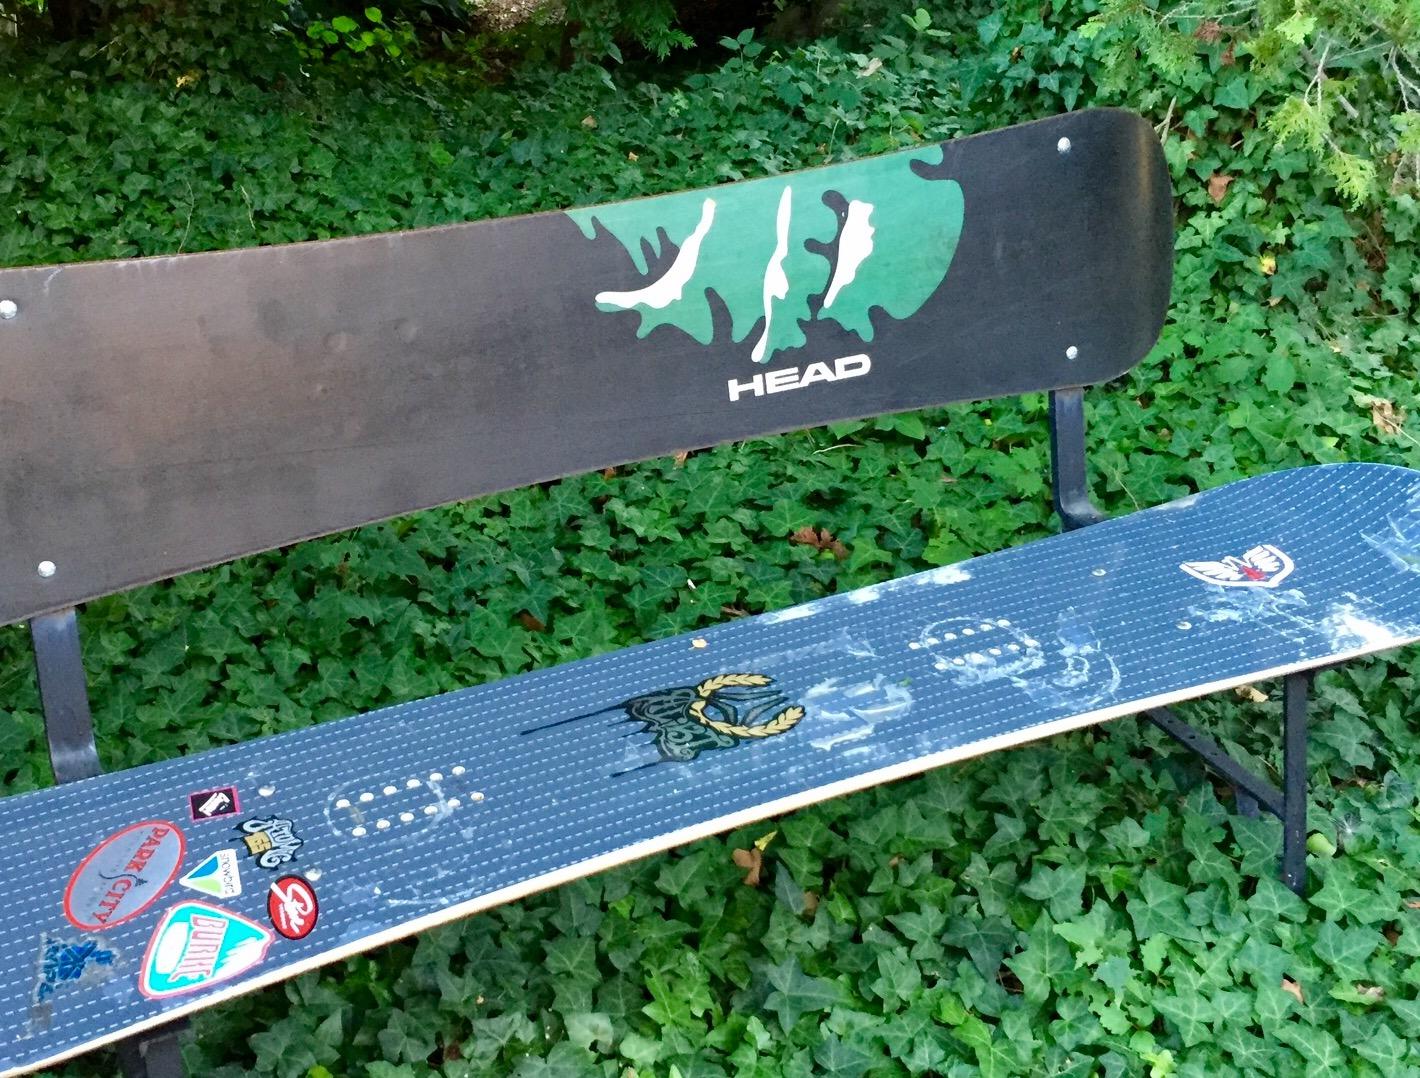 SnowboardBench.jpg